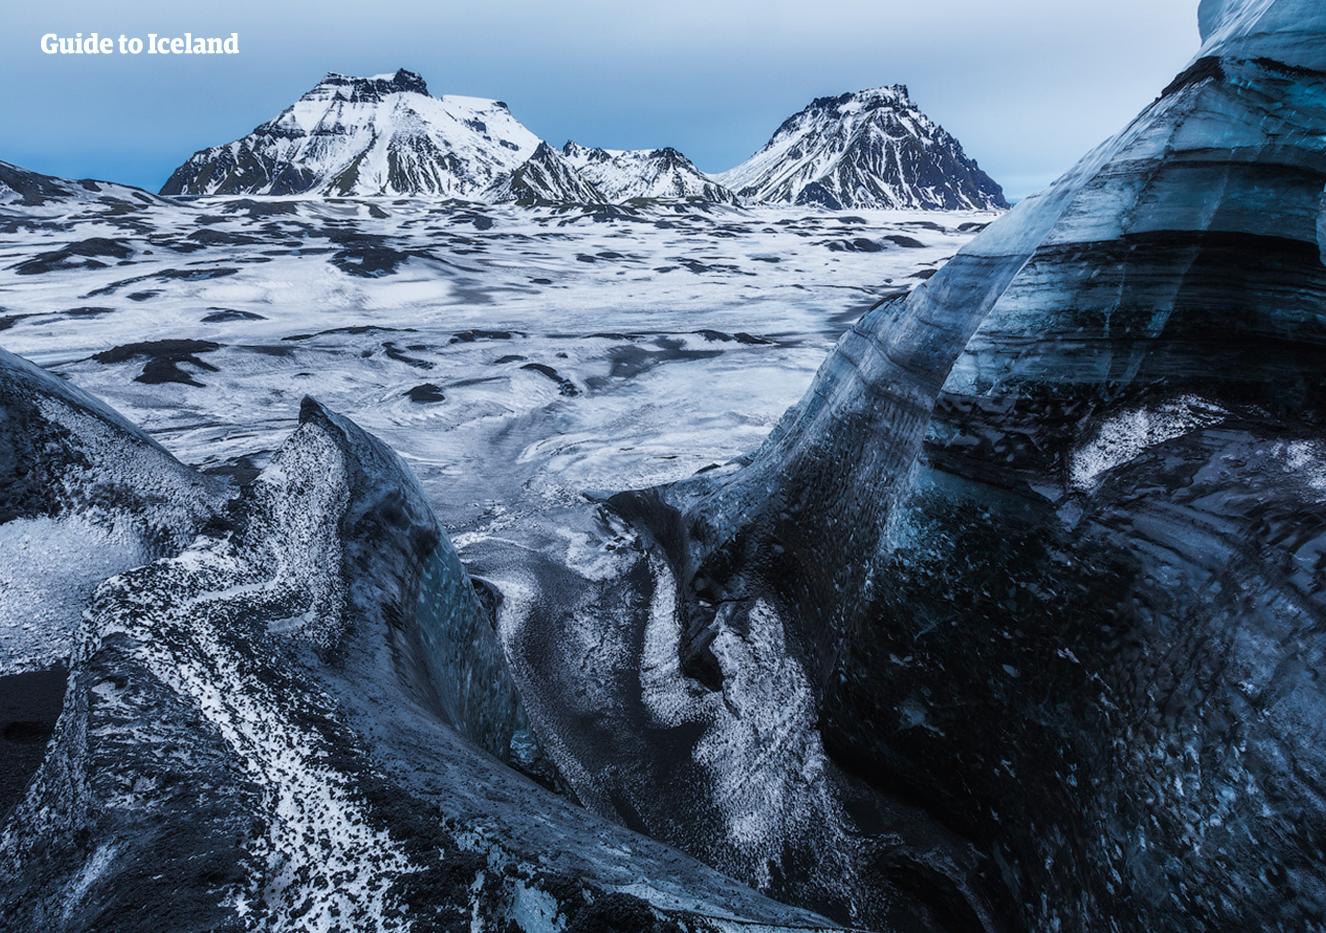 ชมถ้ำน้ำแข็งภายในธารน้ำแข็งมิร์ดาลสโจกุลในทัวร์คอมโบที่น่ามหัศจรรย์นี้.